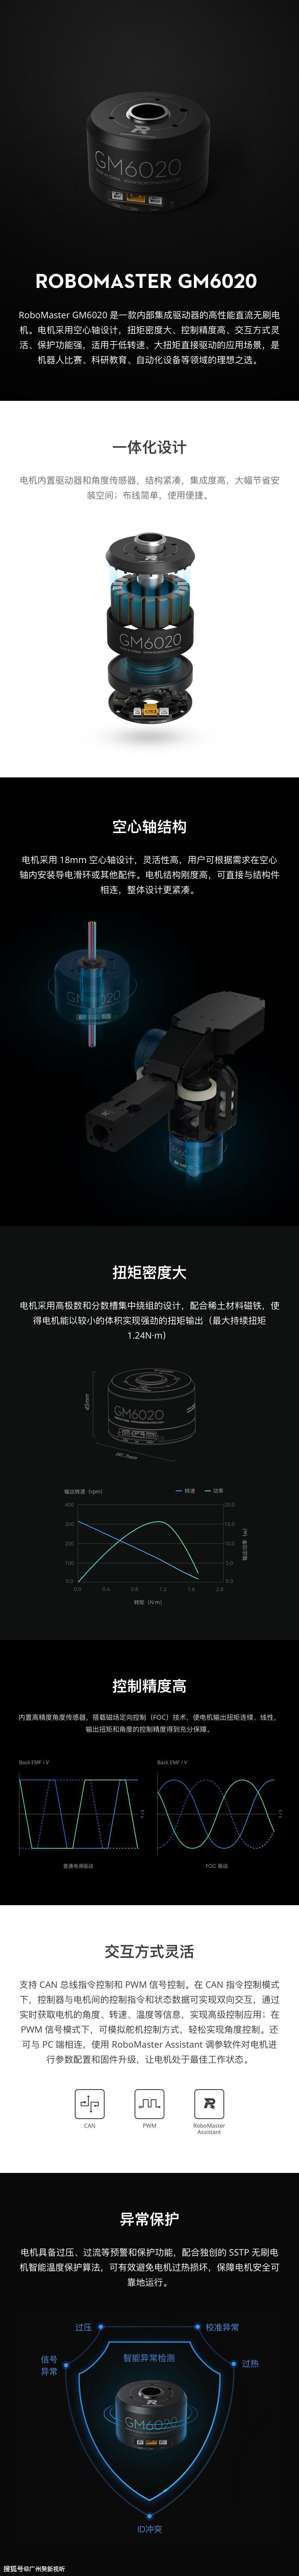 无刷电动机电动机,DJI 大疆 RoboMaster GM6020  直流无刷电机